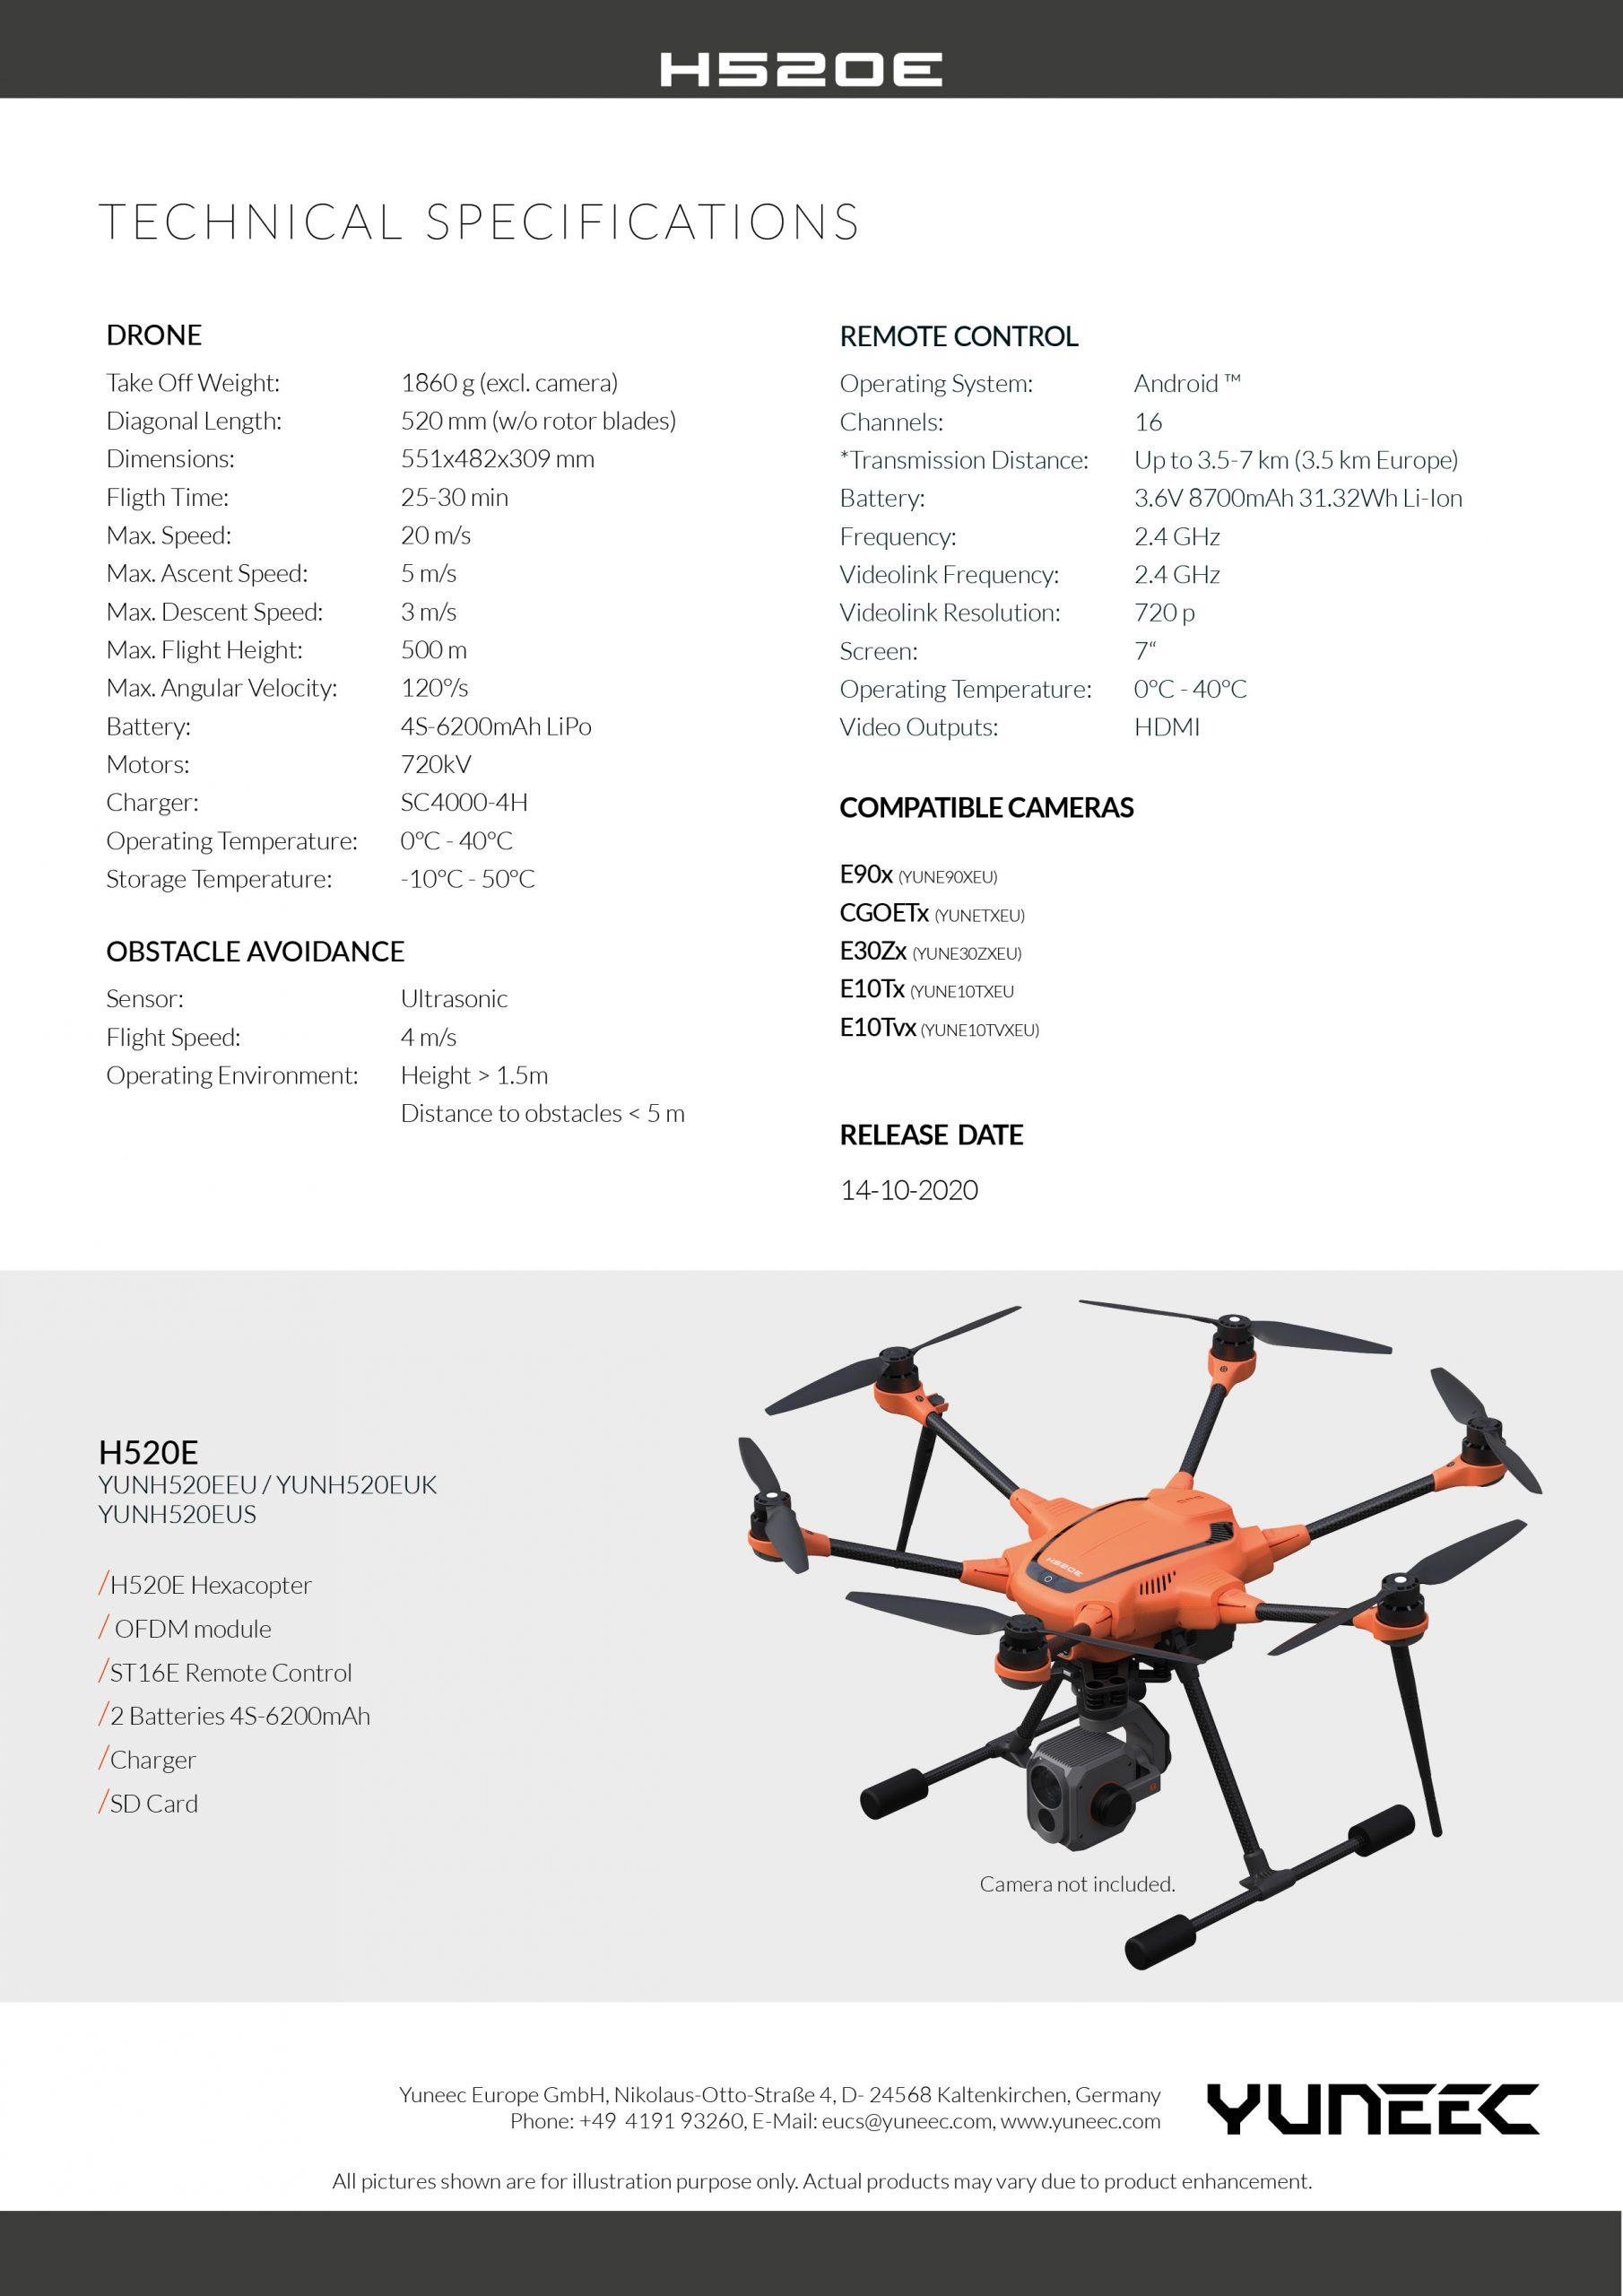 YUNEEC H520E Especificaciones y Características